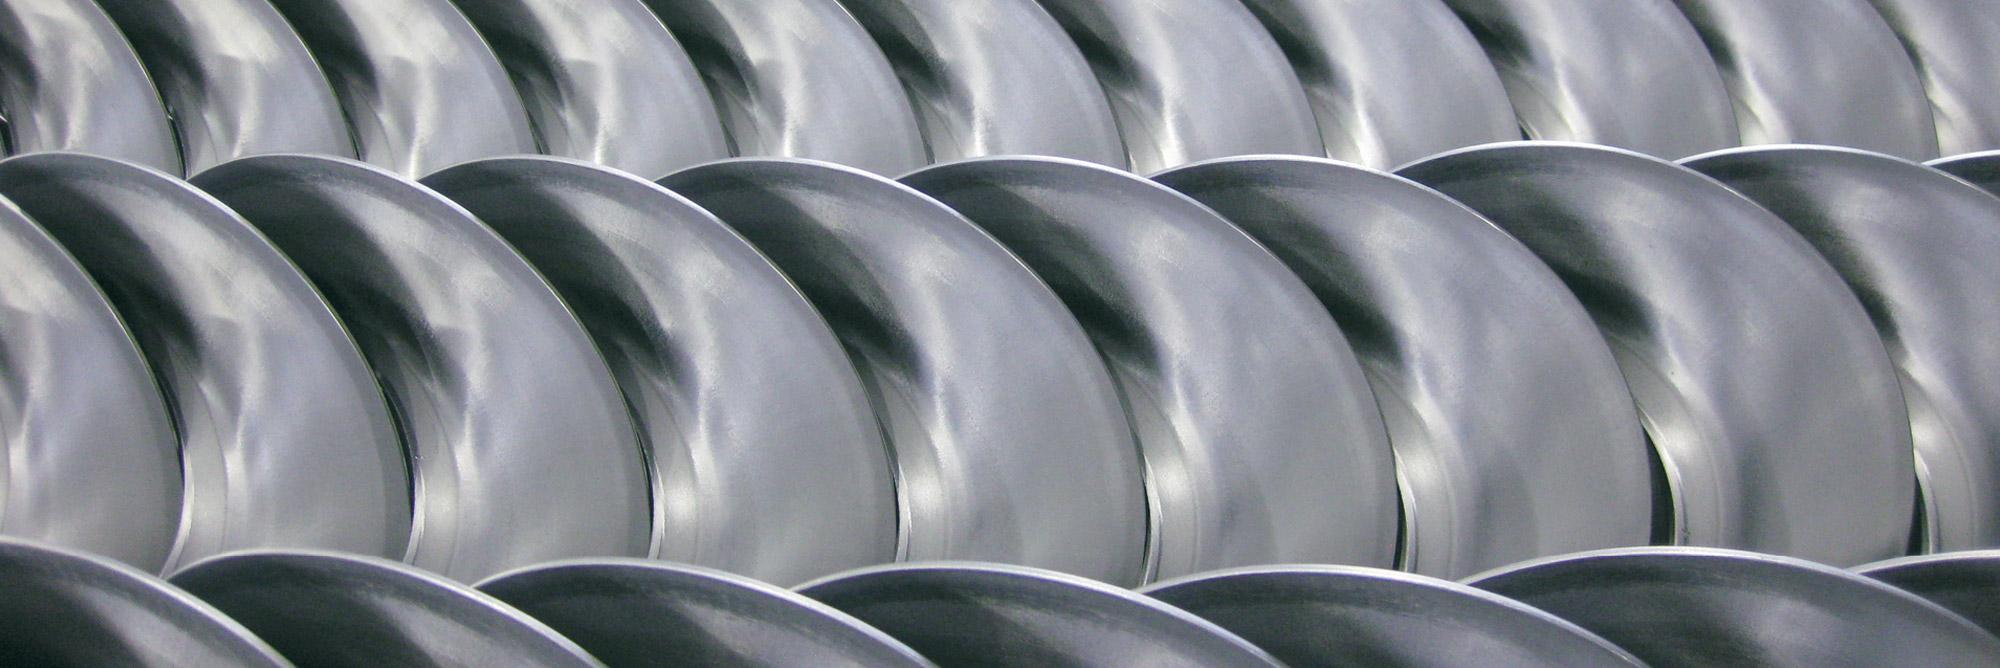 Turbolatori e spirali metalliche per coclee: spirali continue Eurospiral